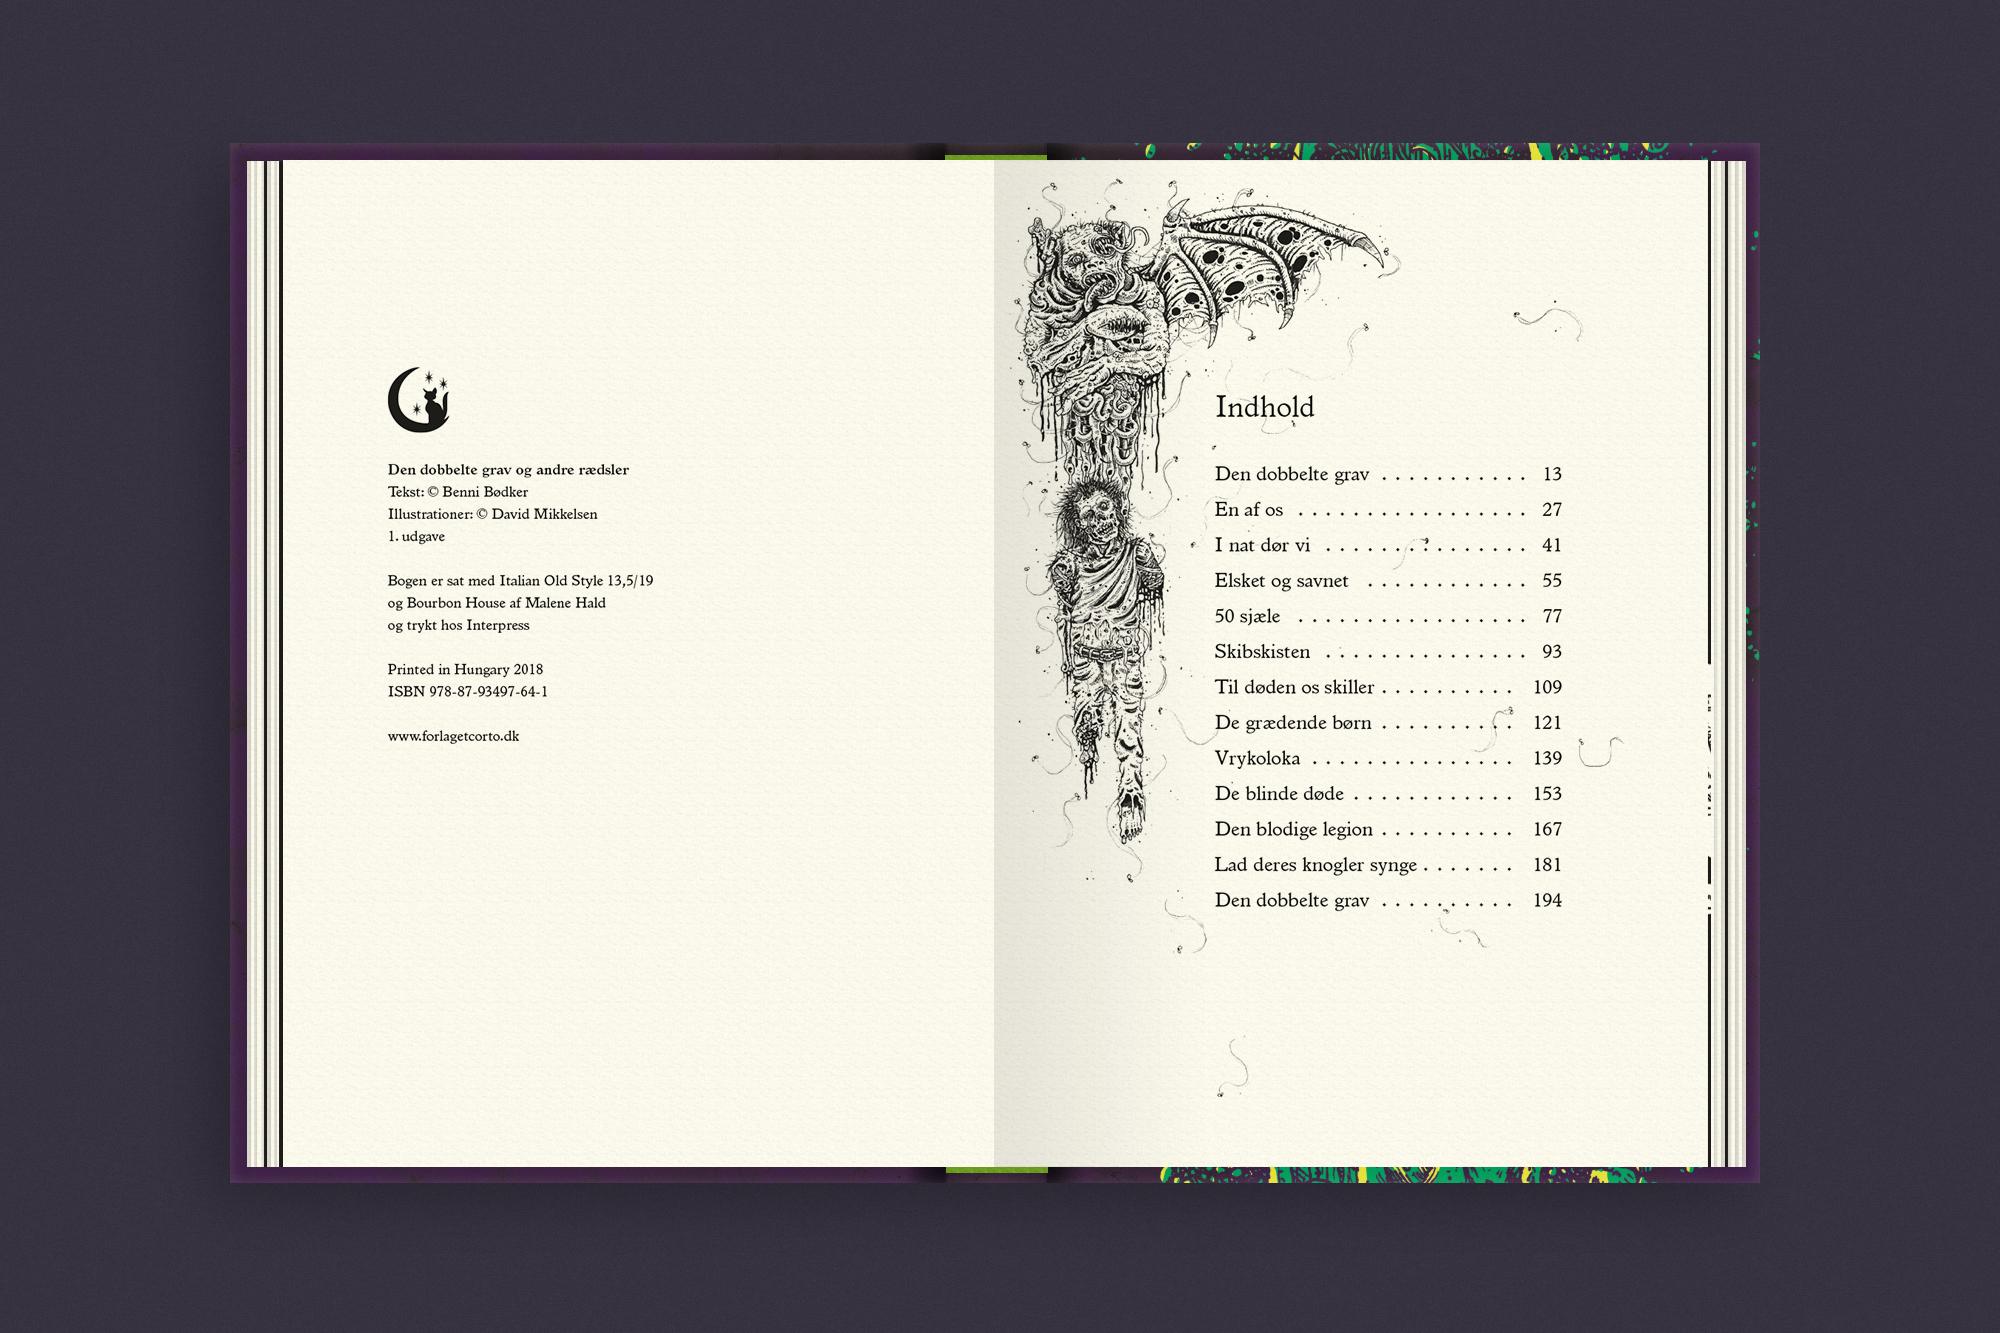 dobbelte-grav-bogdesign-bogomslag-grafisk-malene-hald-14